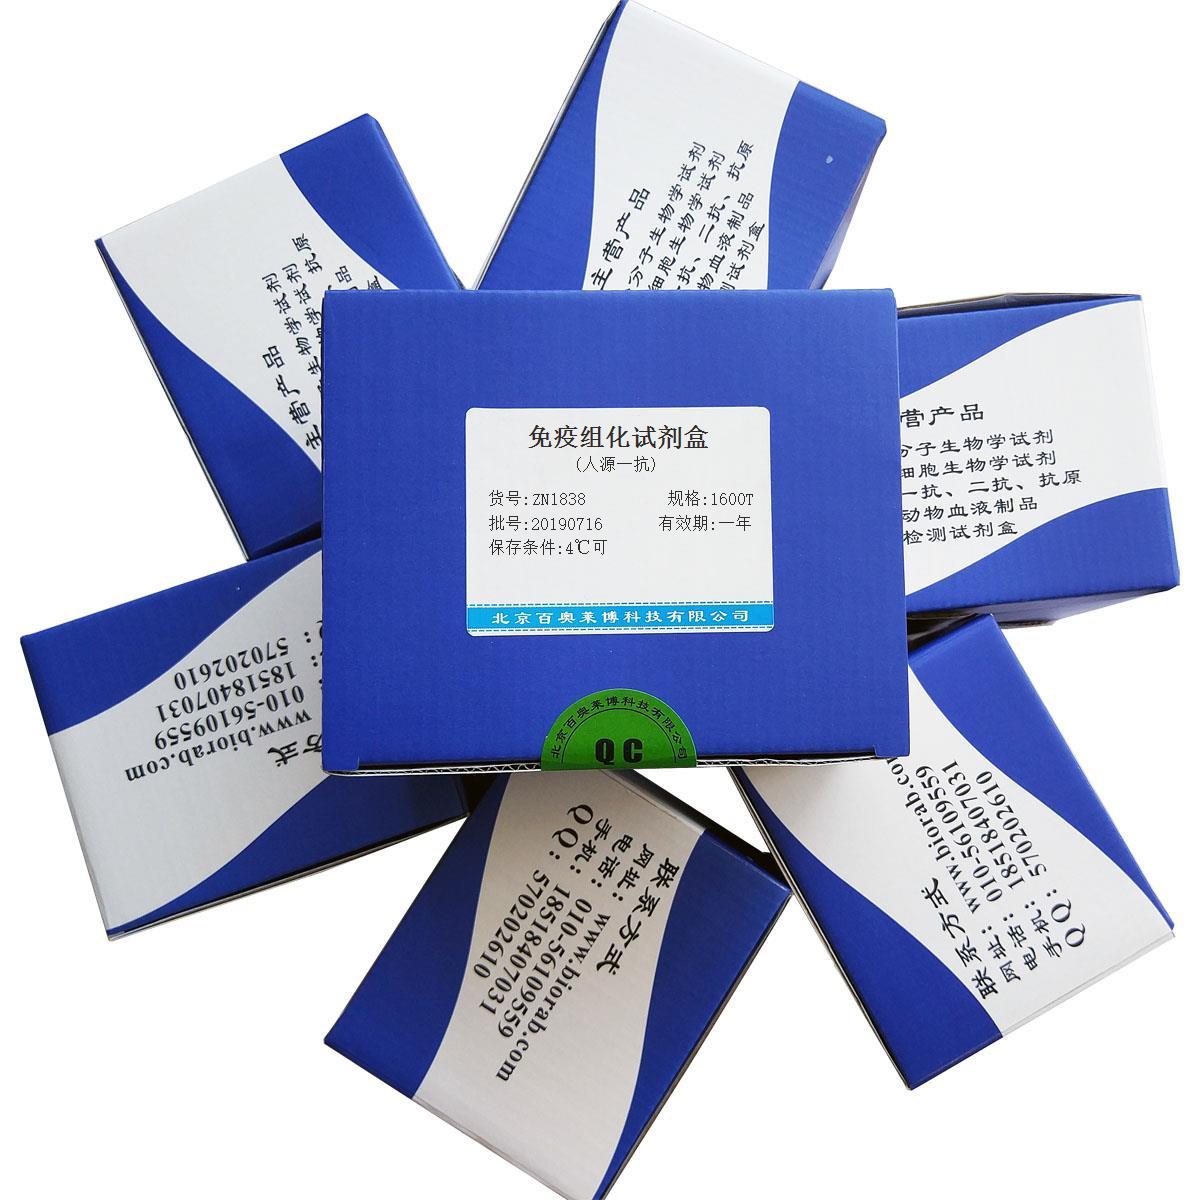 免疫组化试剂盒(人源一抗)优惠促销